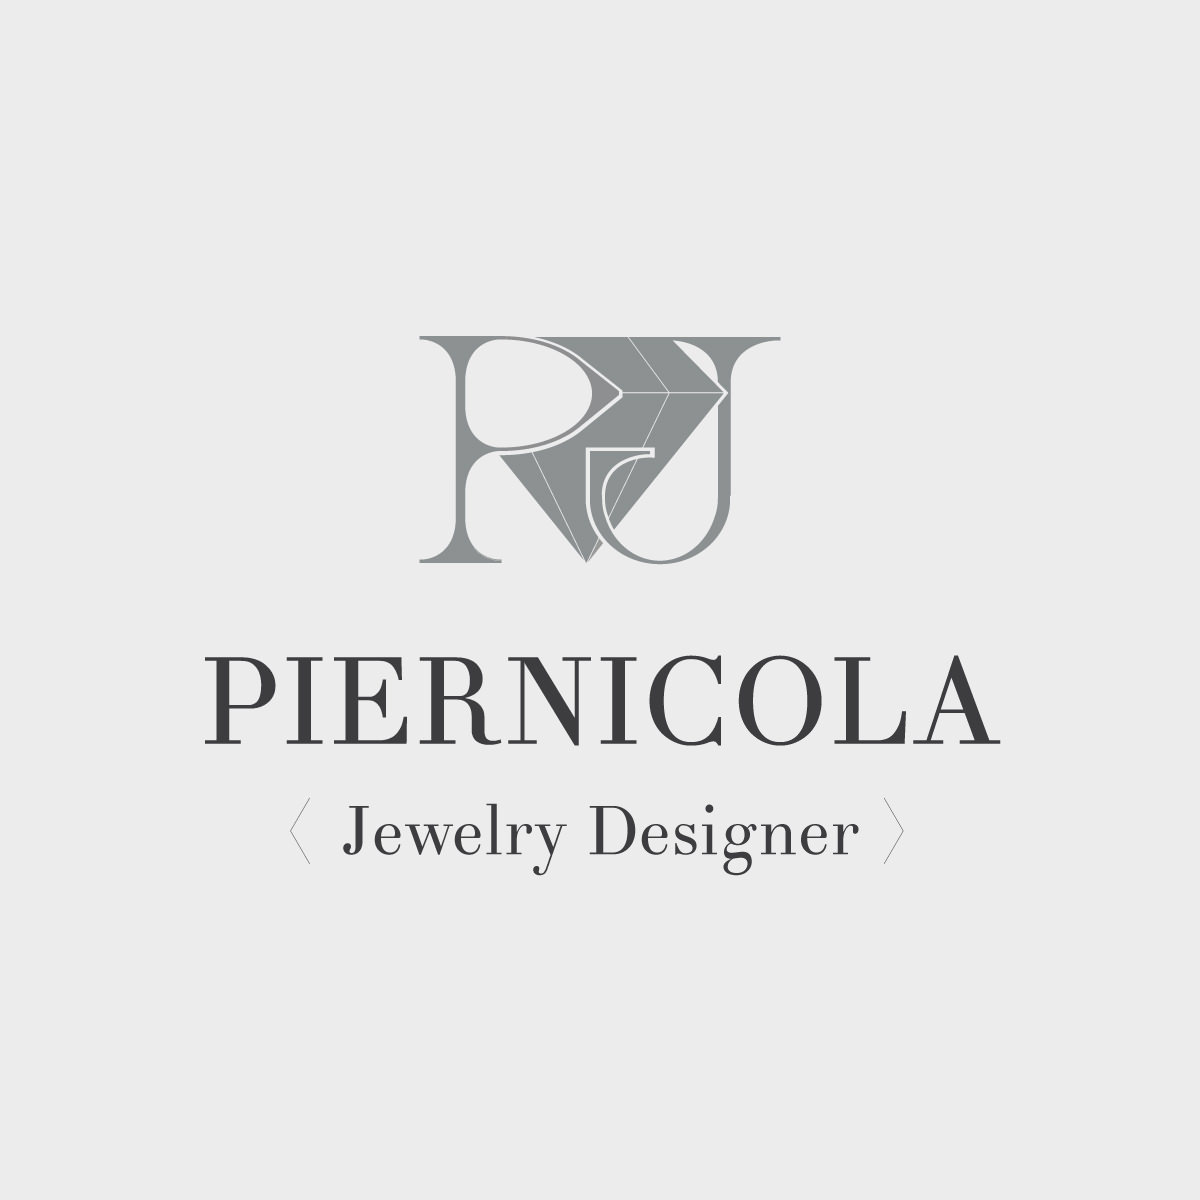 Anteprima del logo per il designer di gioielli Piernicola